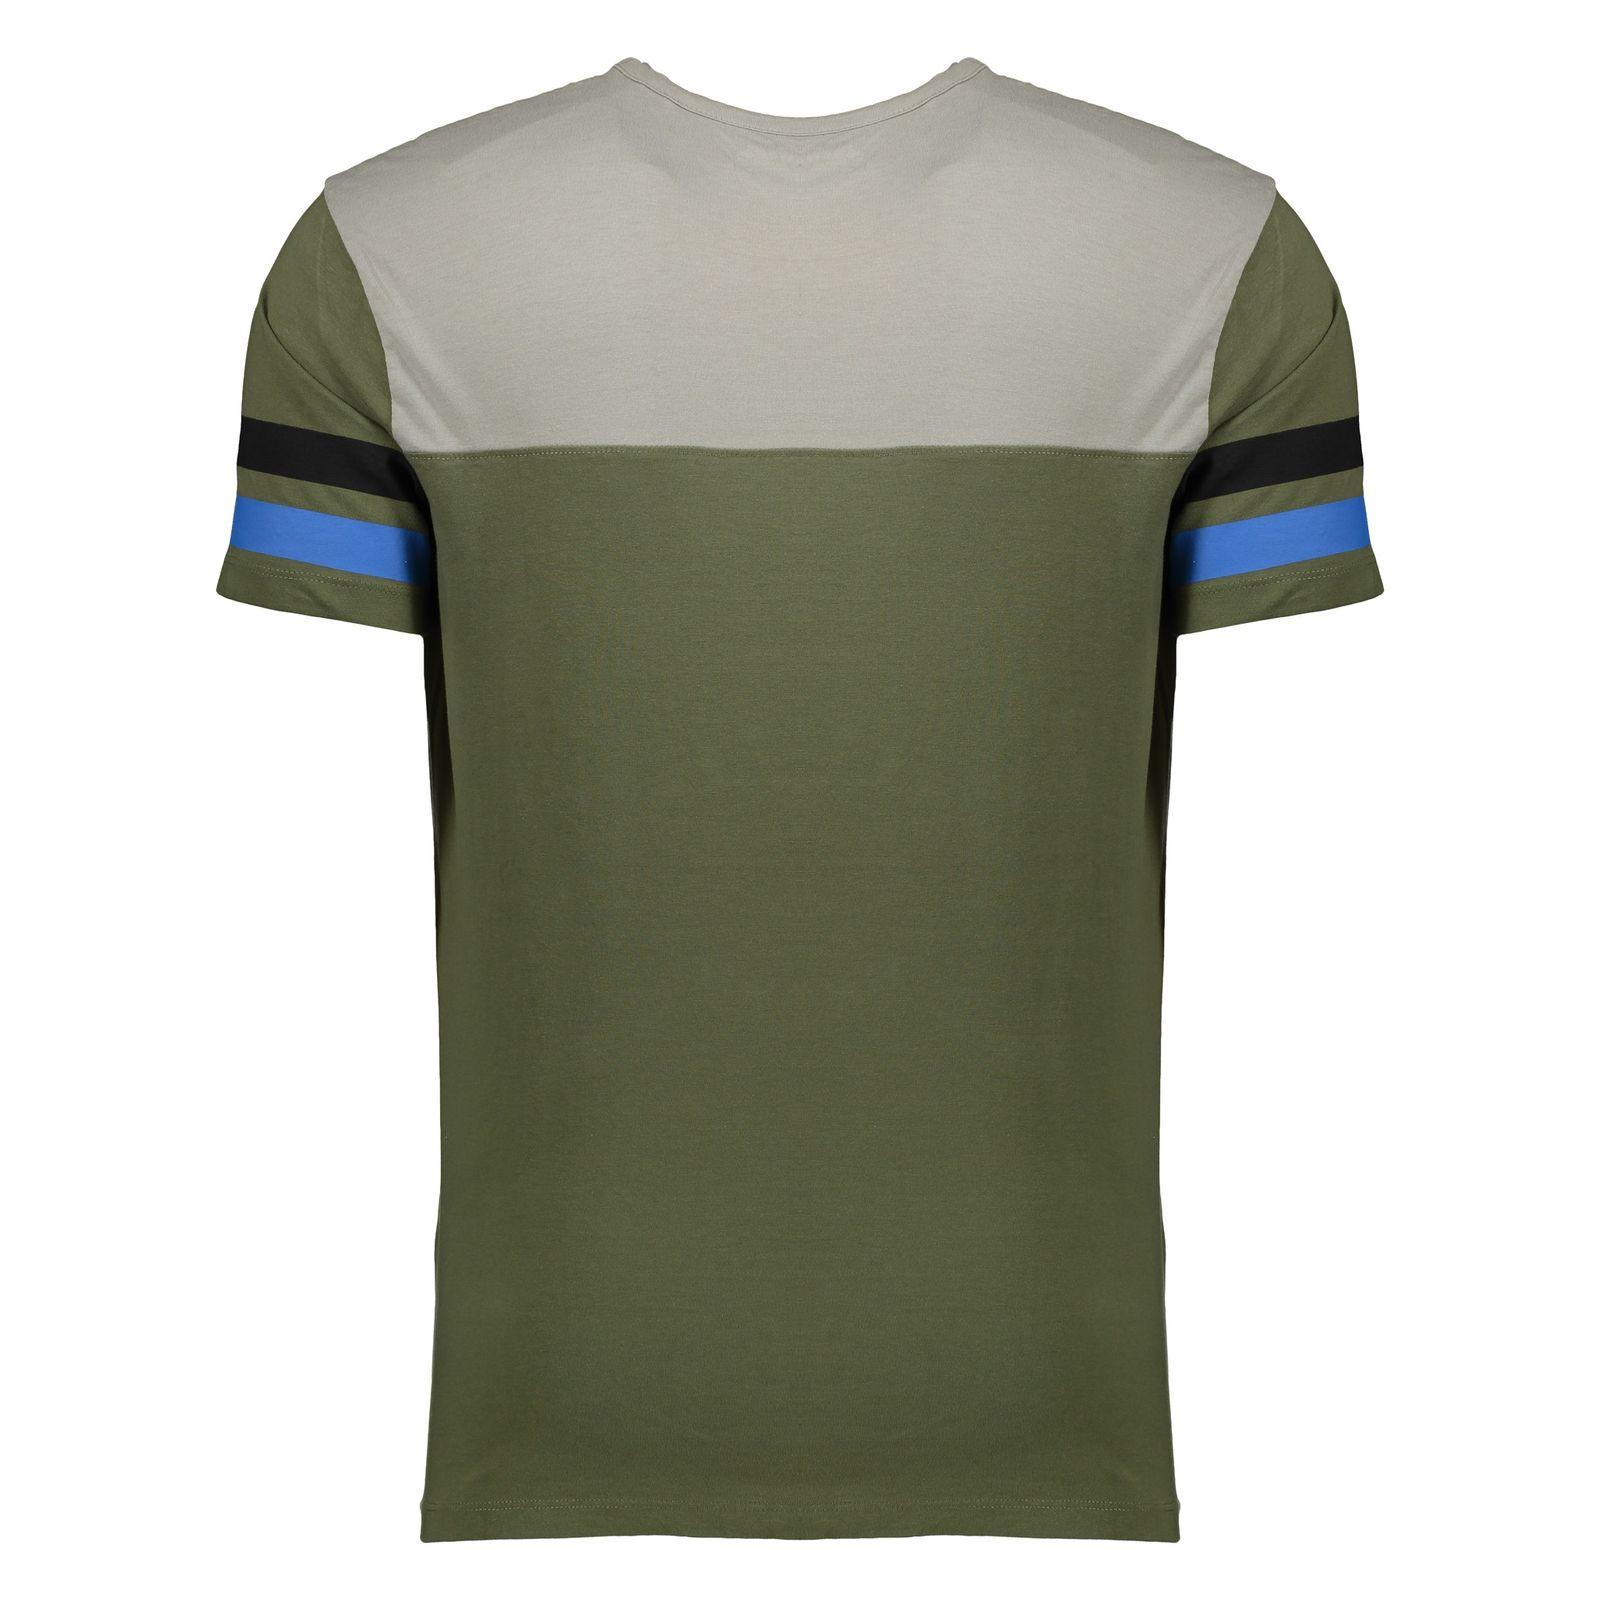 تی شرت مردانه یوپیم مدل 5124442 -  - 3